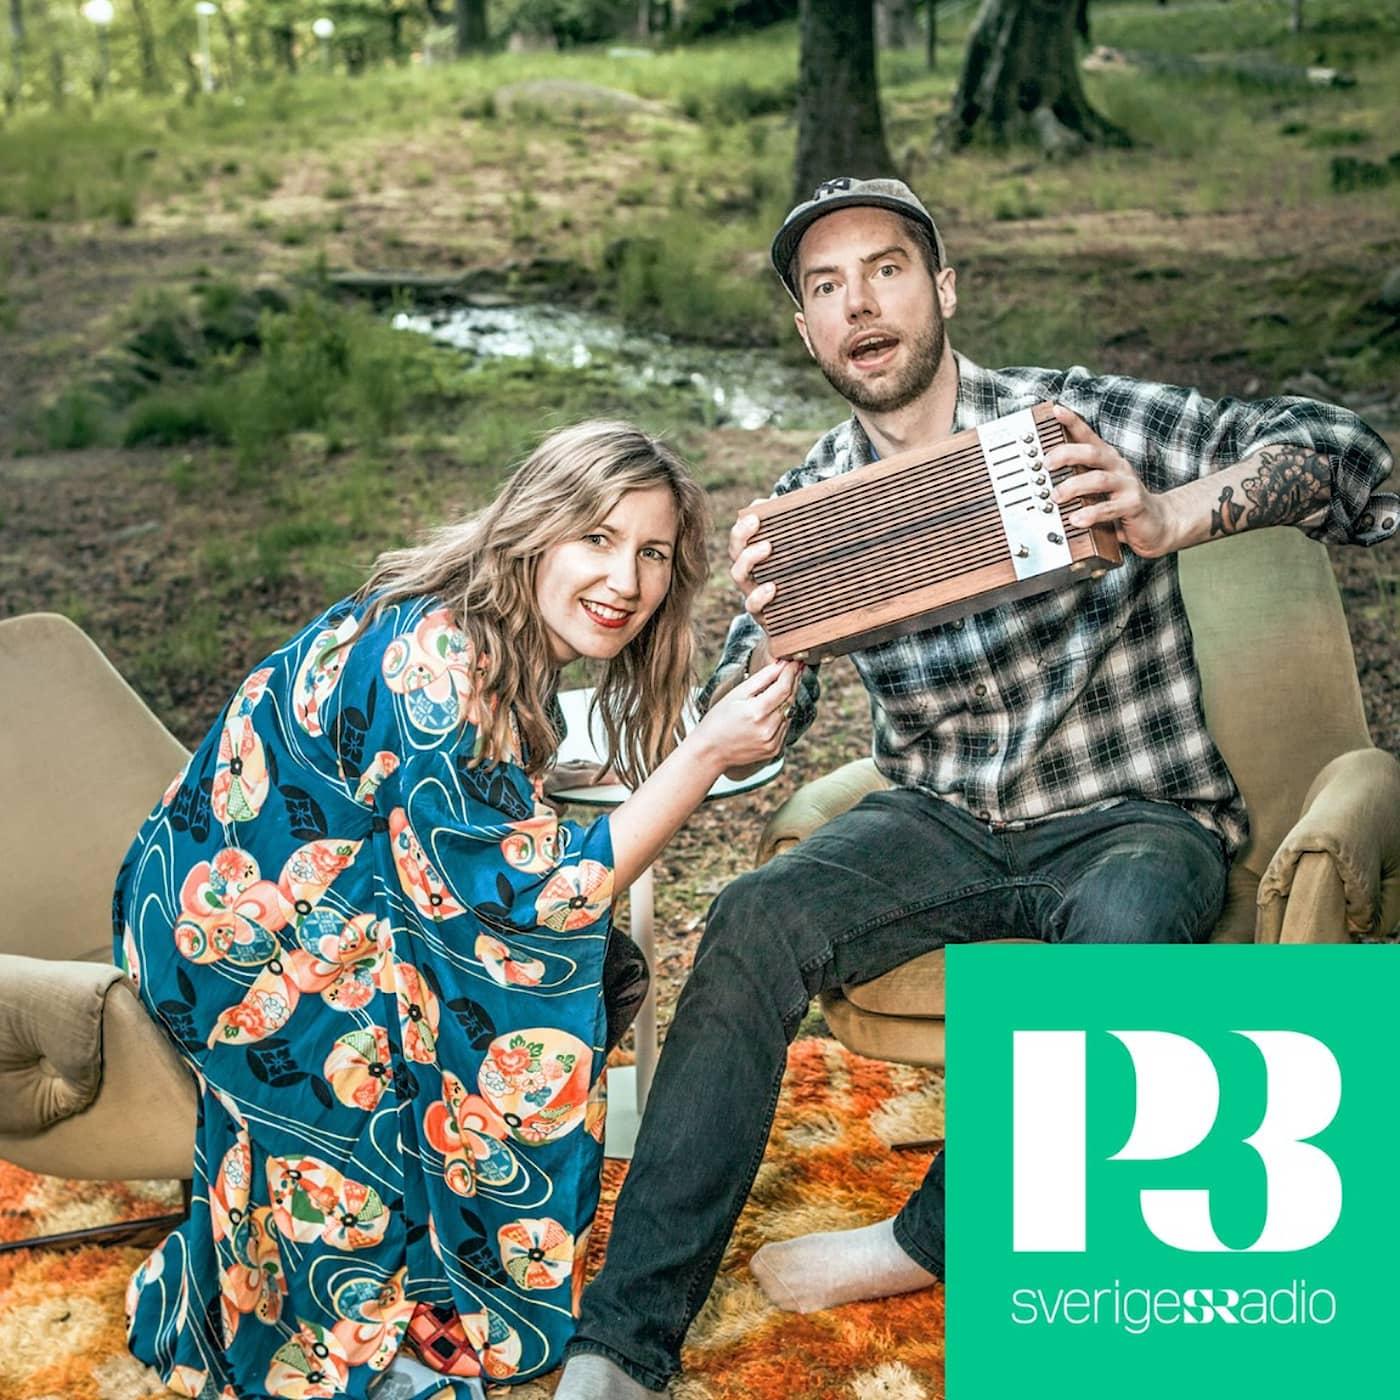 Hanna och Rasmus rapporterar